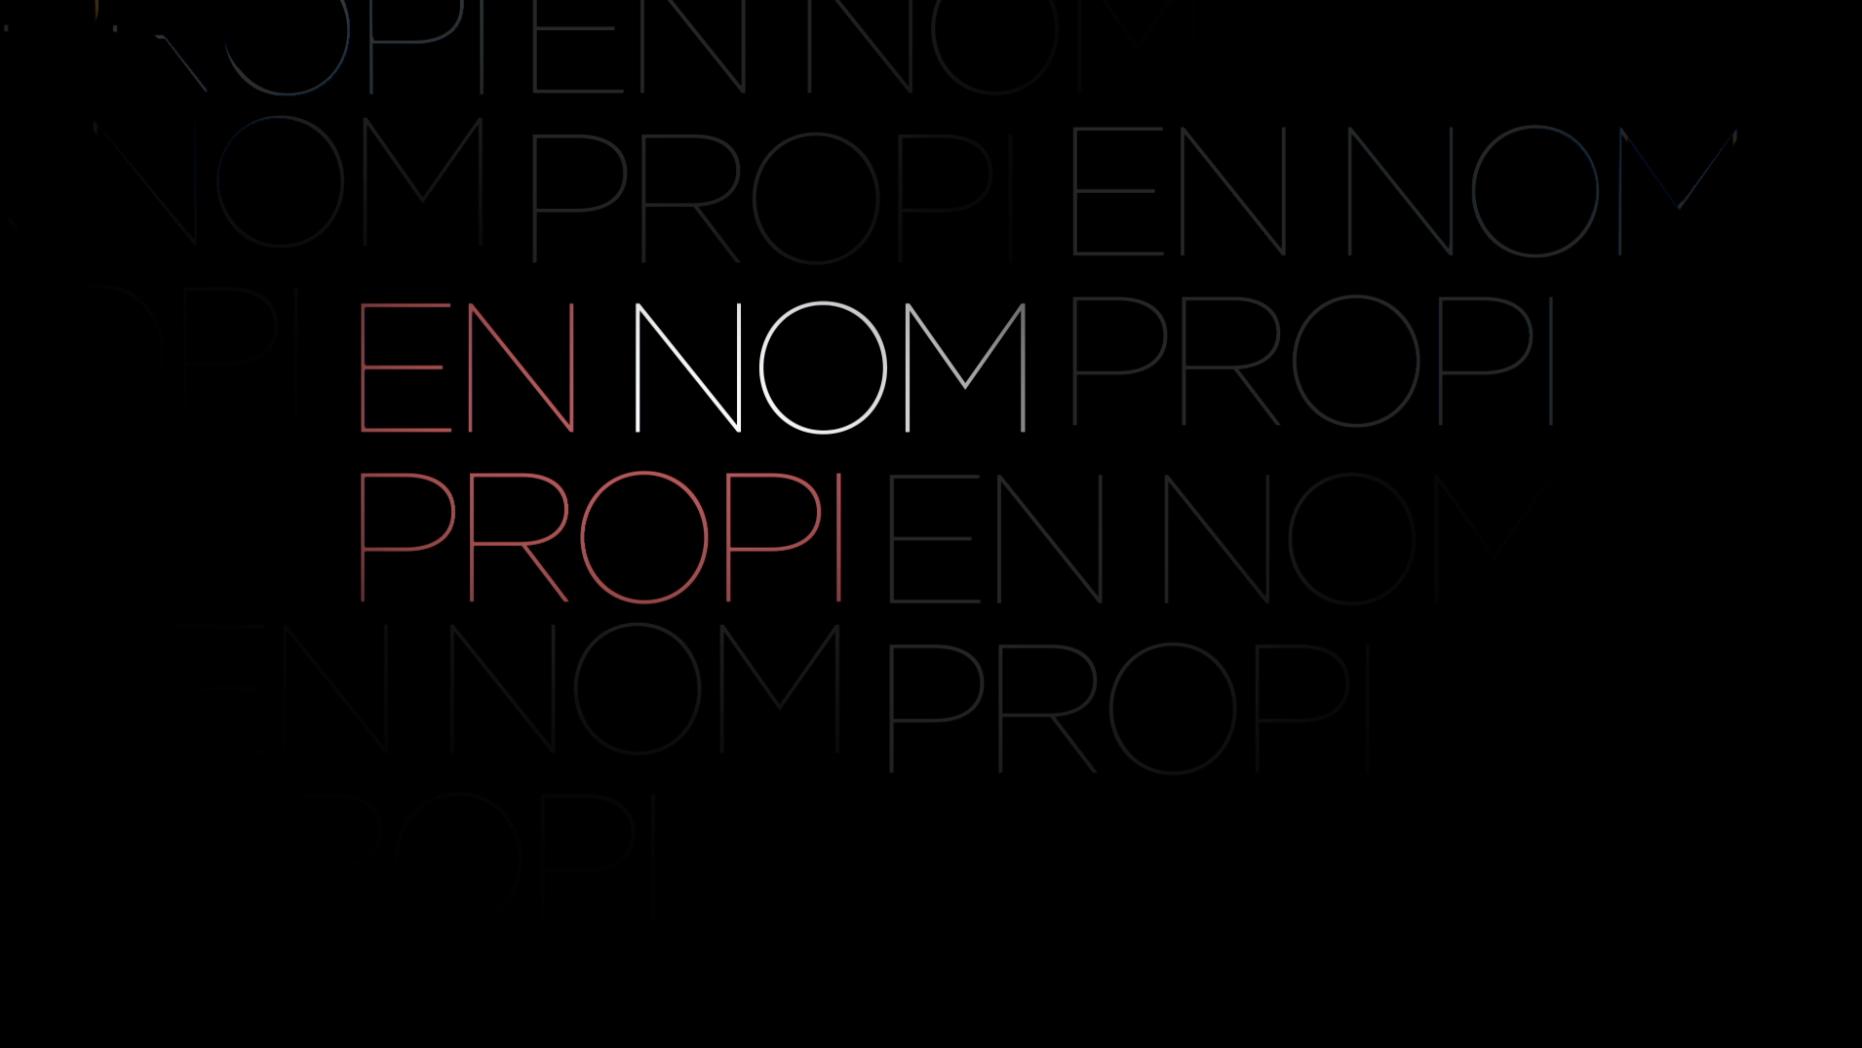 En nom propi (work in progress)